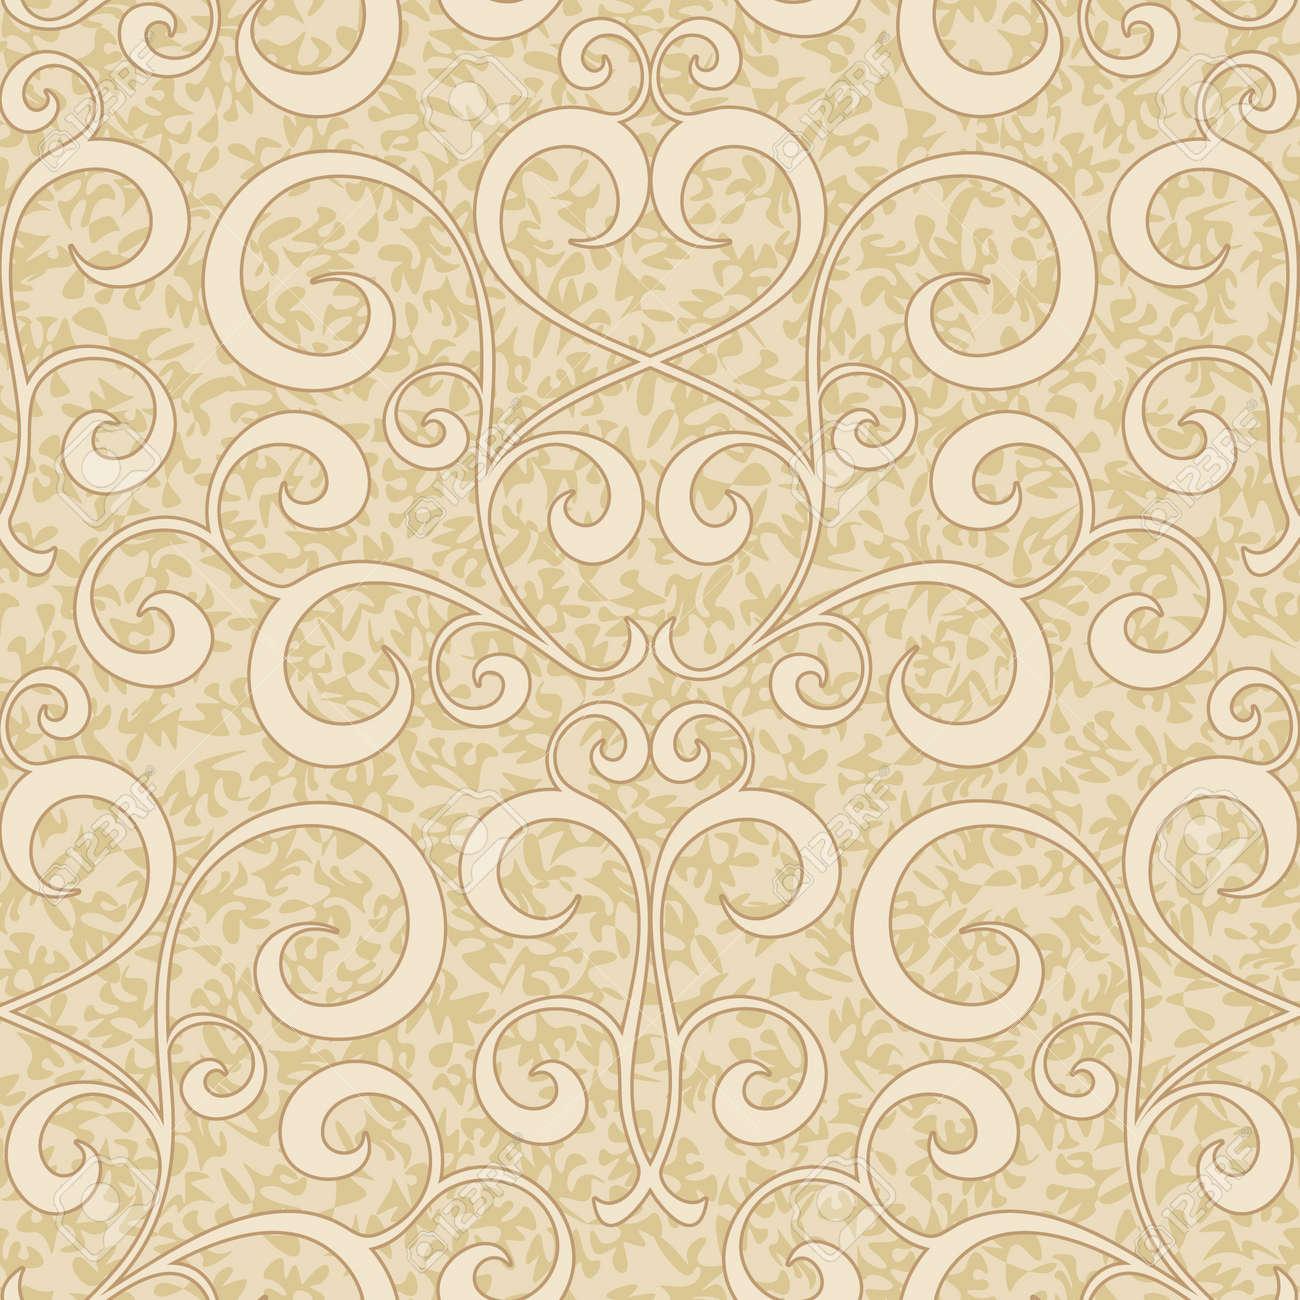 Beige Swirl Background